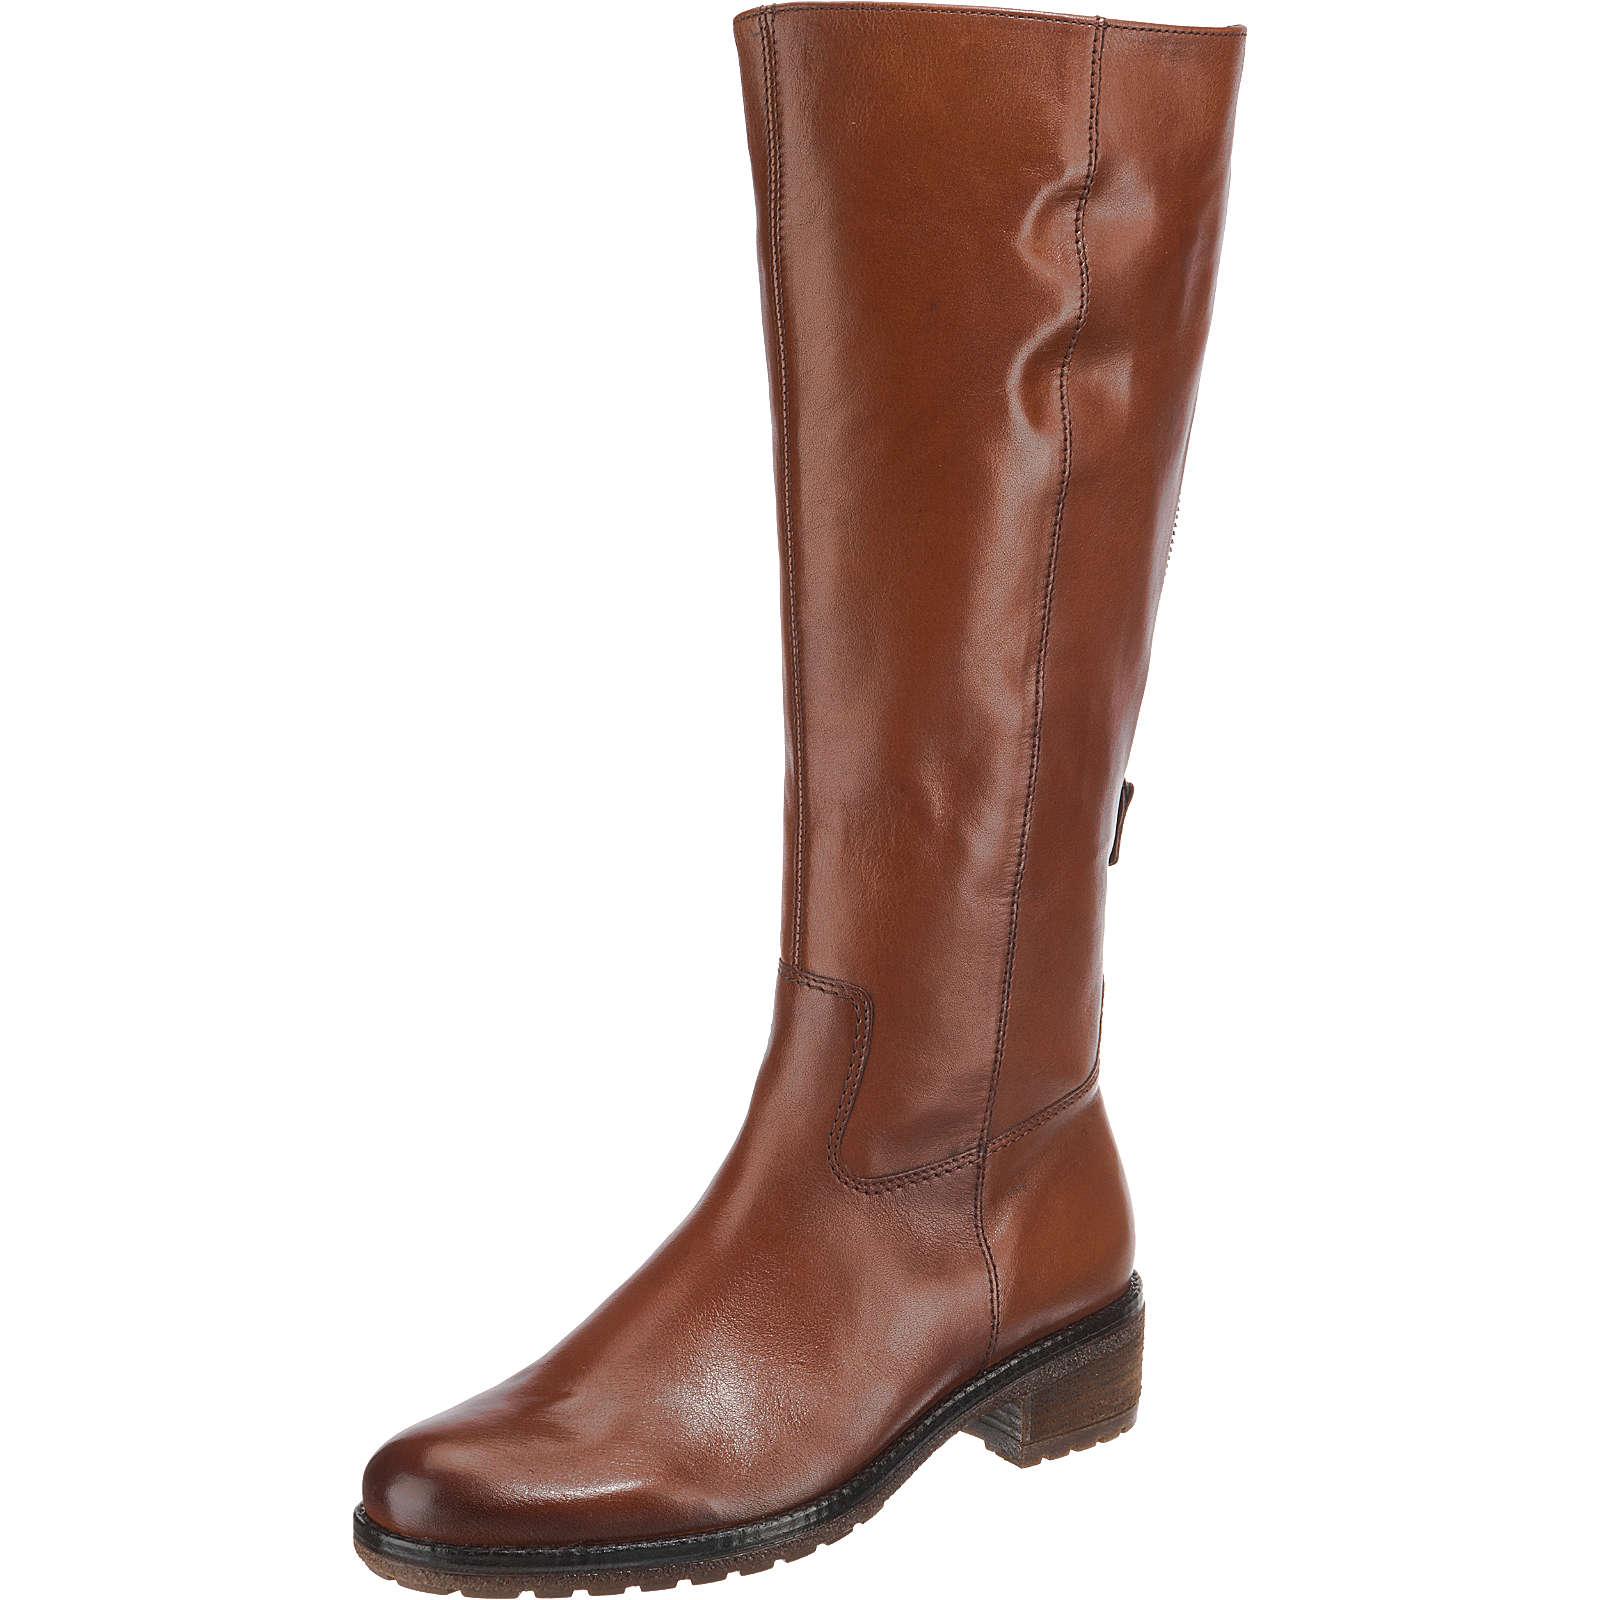 Gabor Klassische Stiefel braun Damen Gr. 36